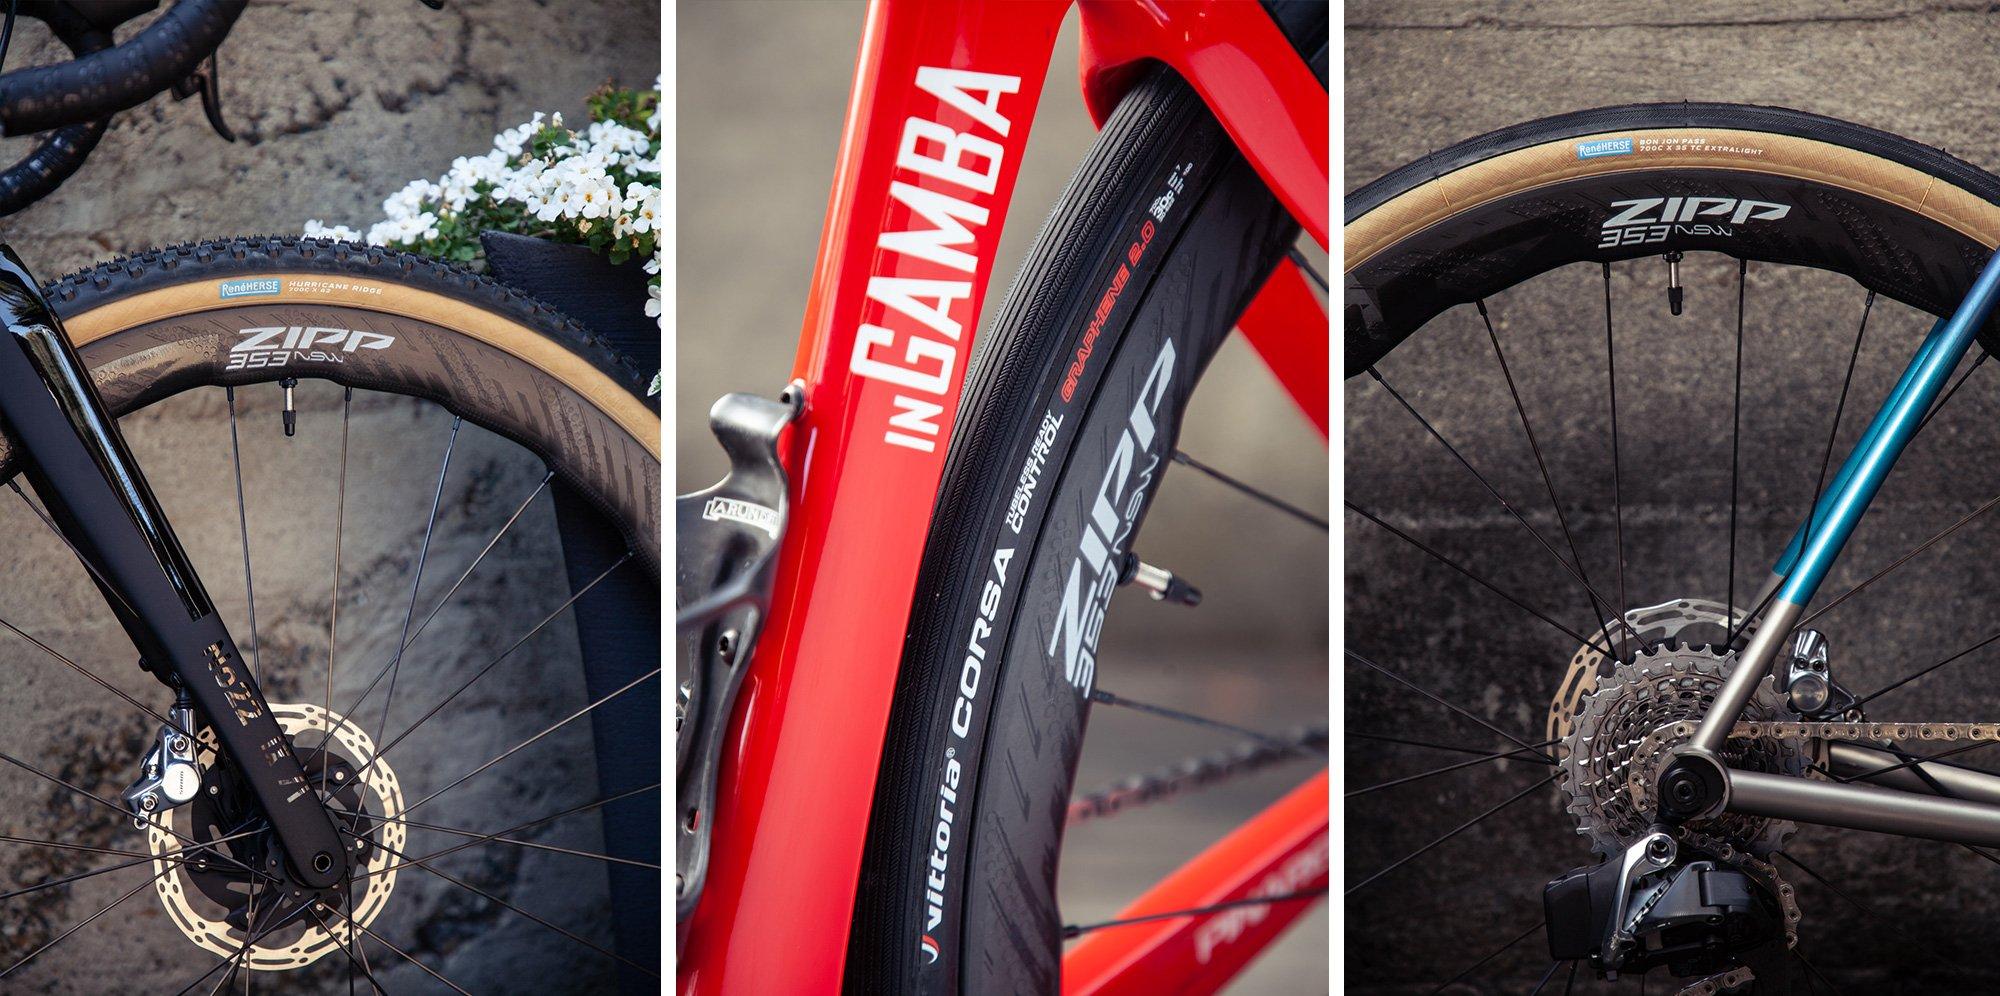 353-versatile-tire-size